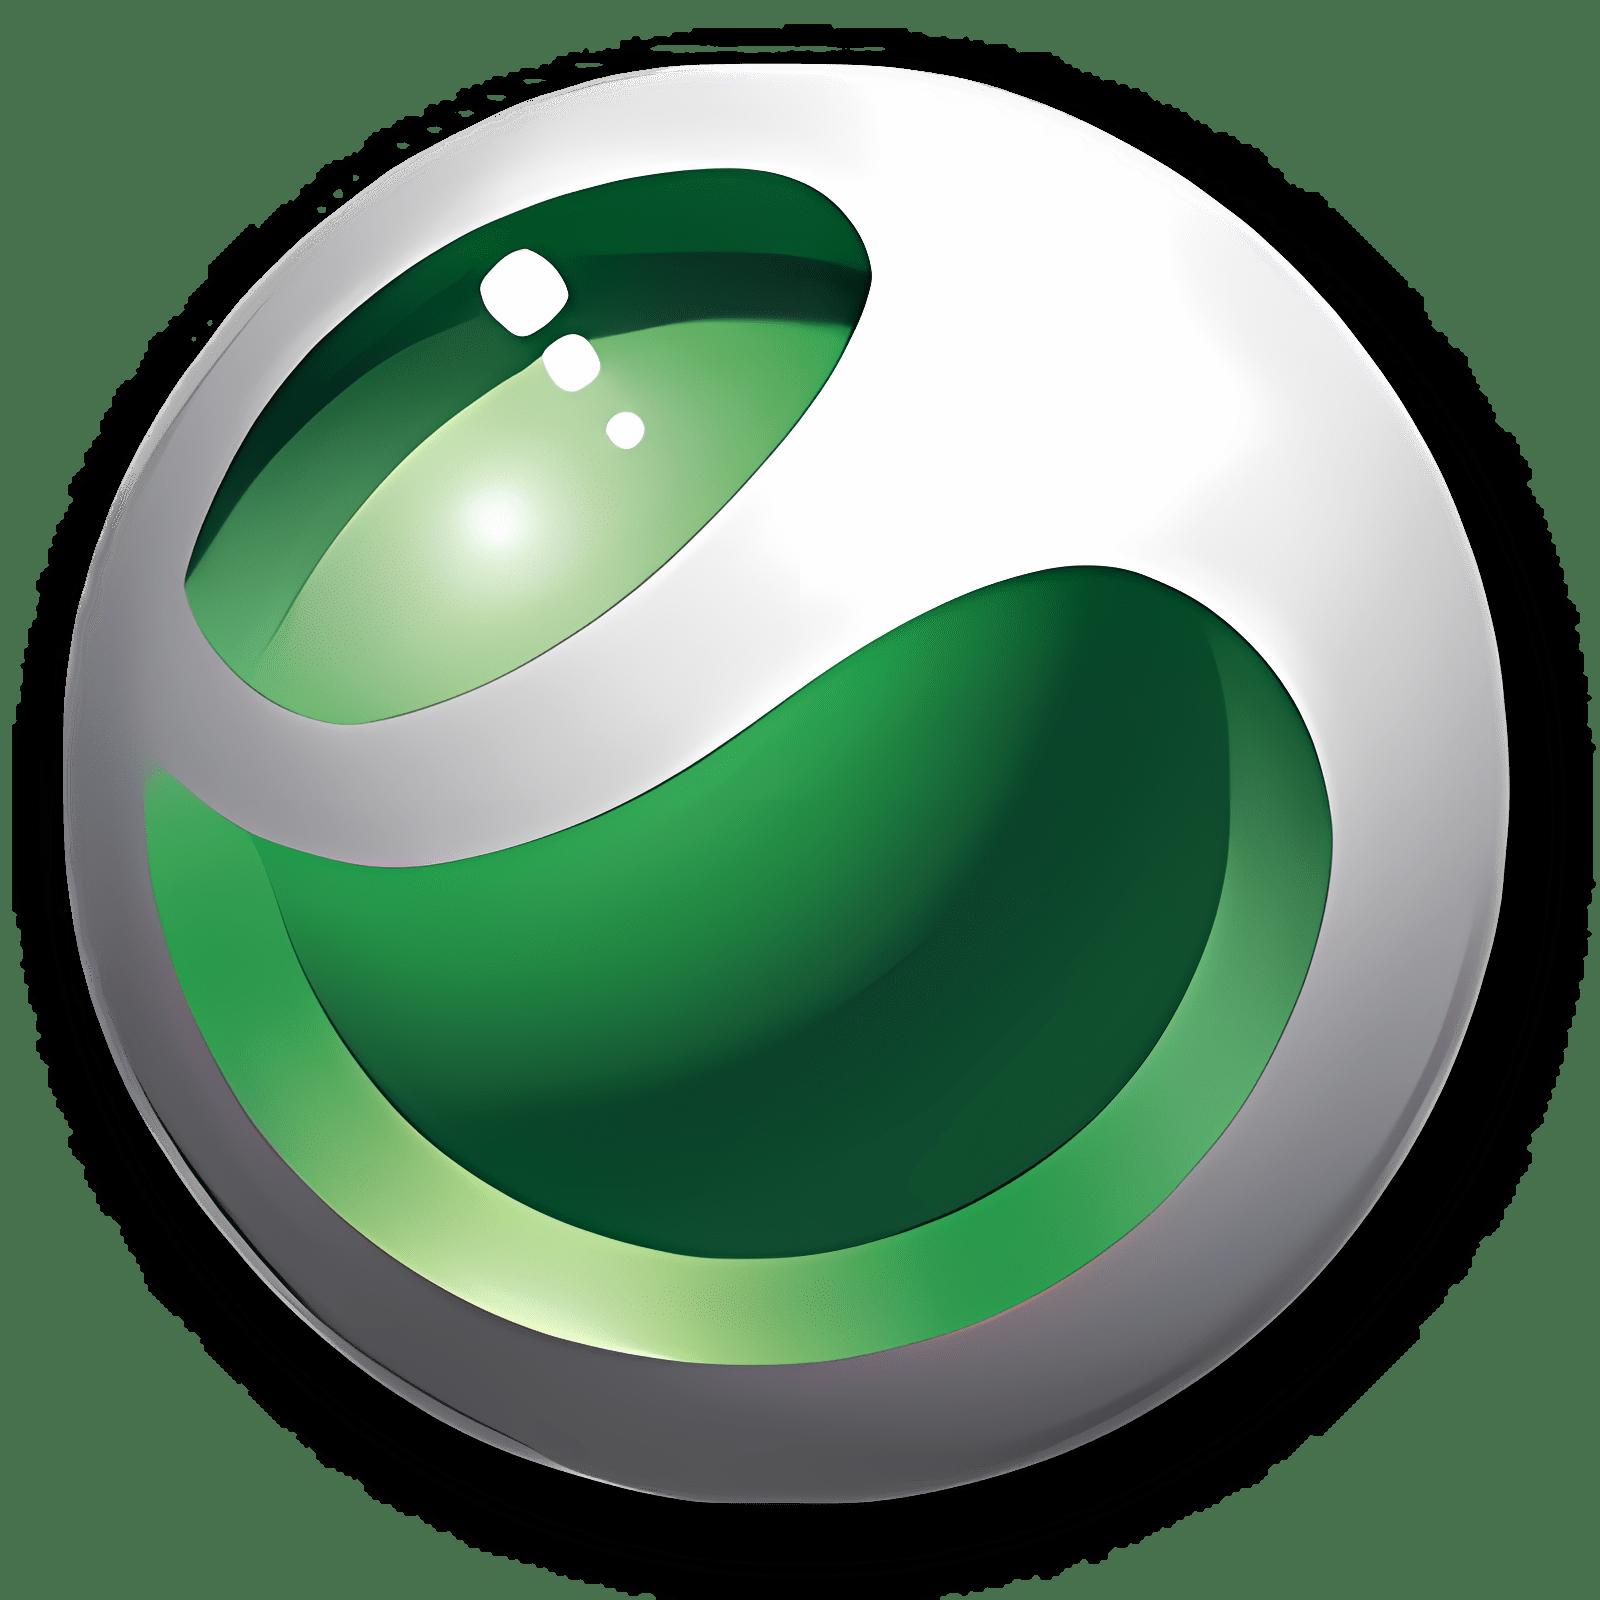 Sony Ericsson Themes Creator 4.16